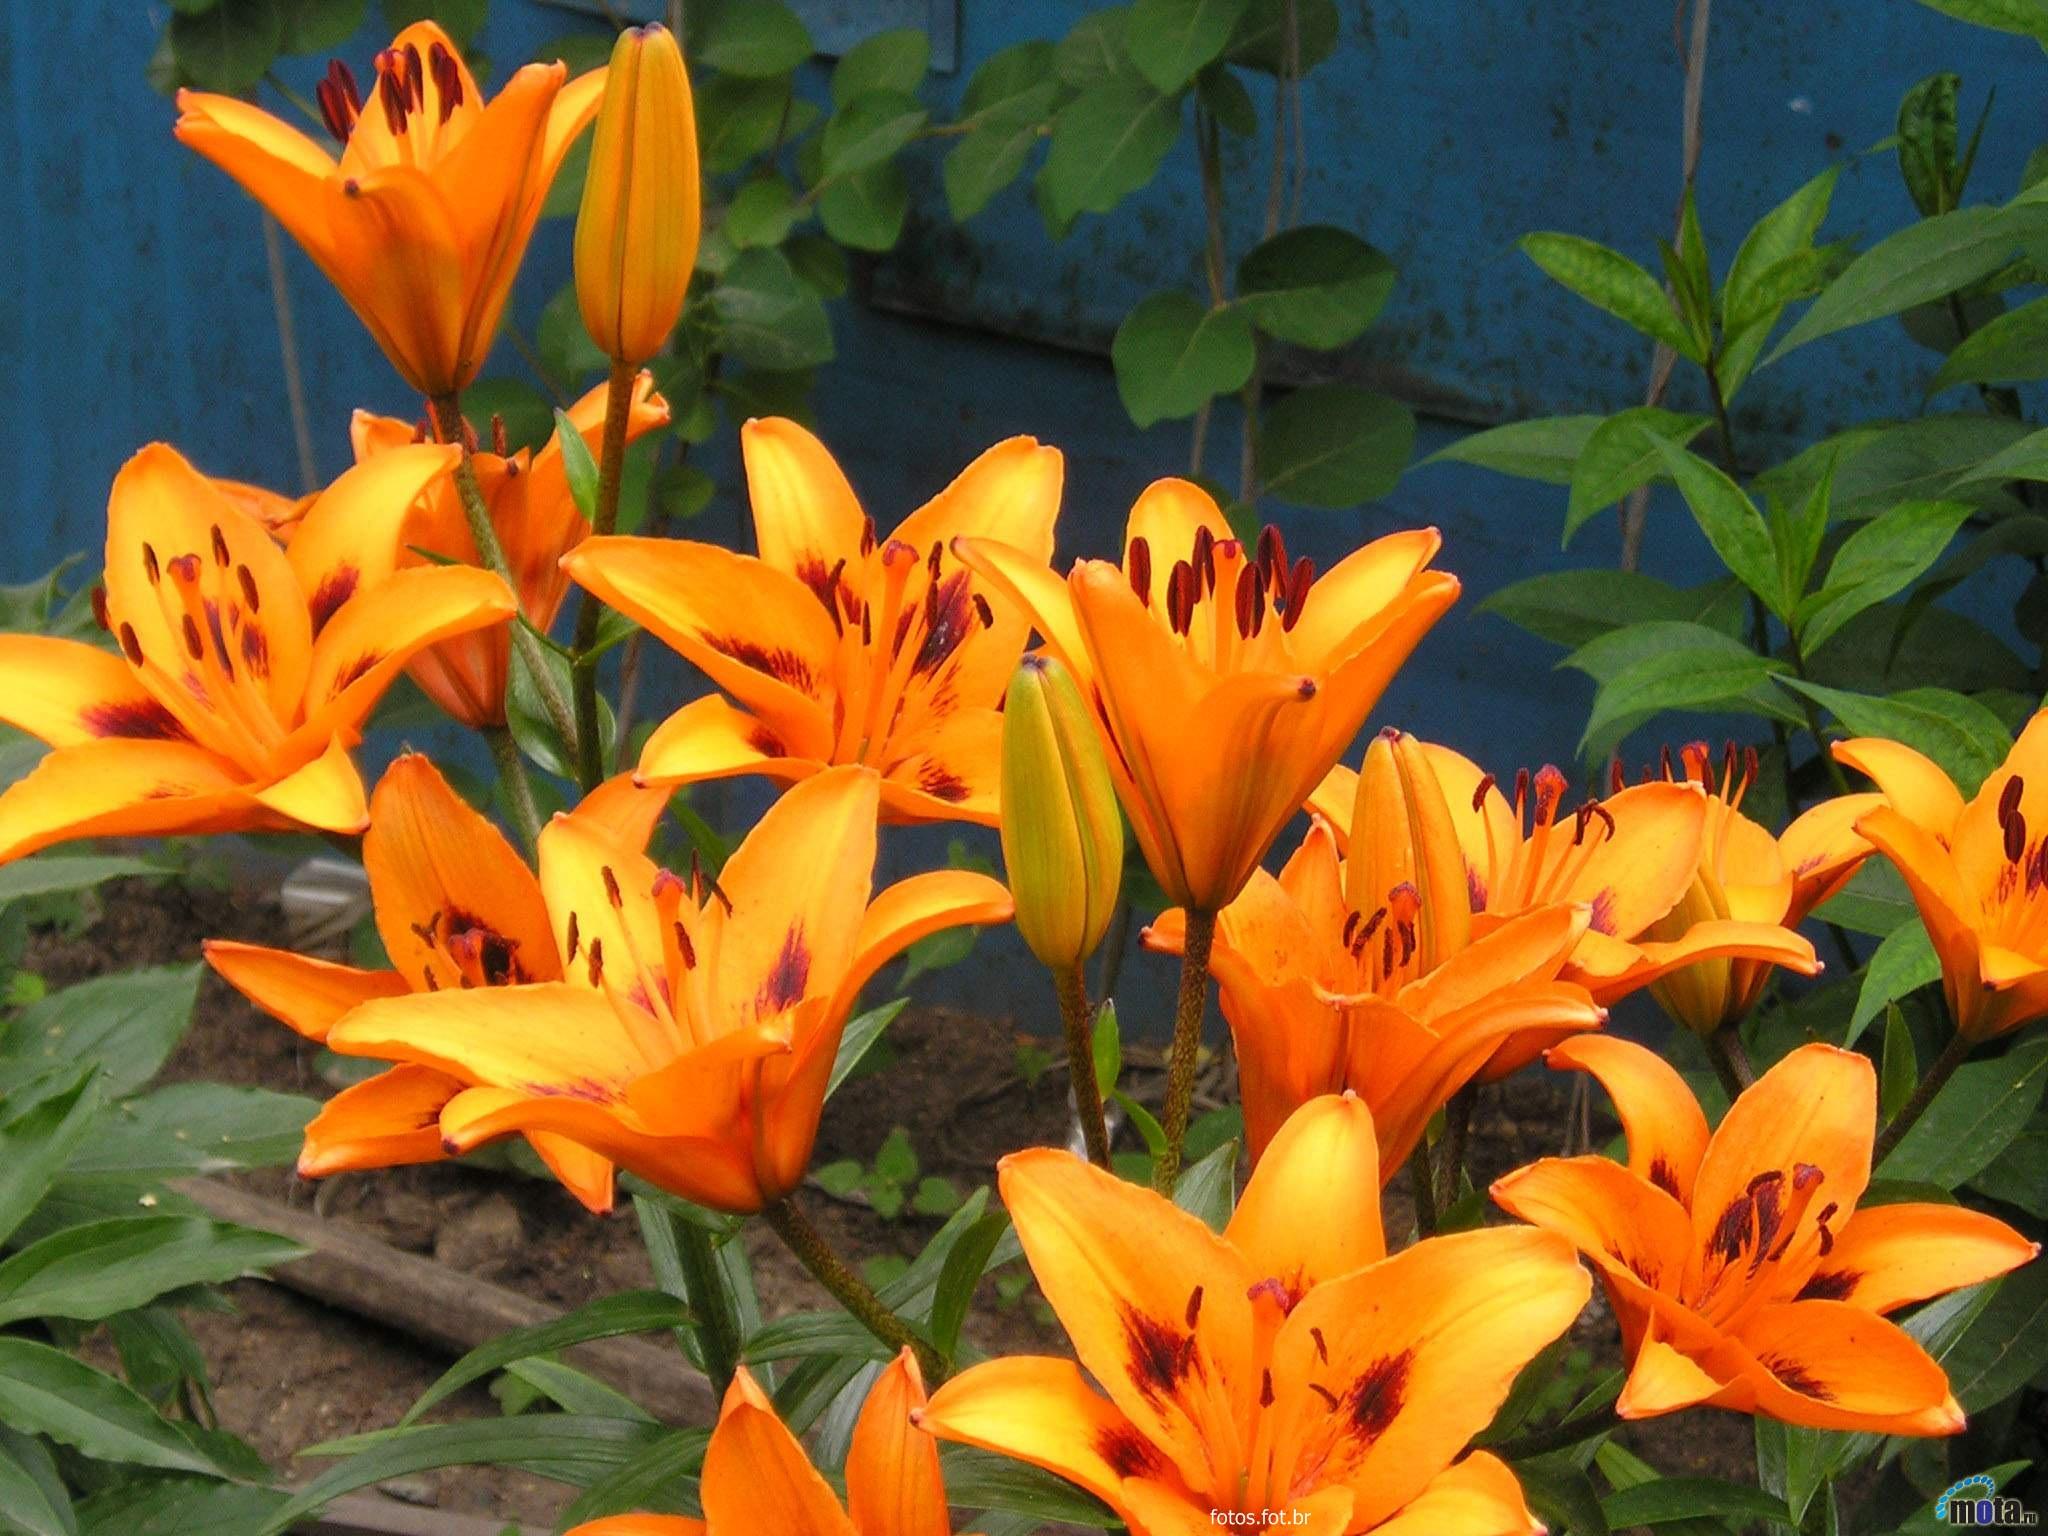 flores e jardins fotos:Nomes de flores para jardins e fotos